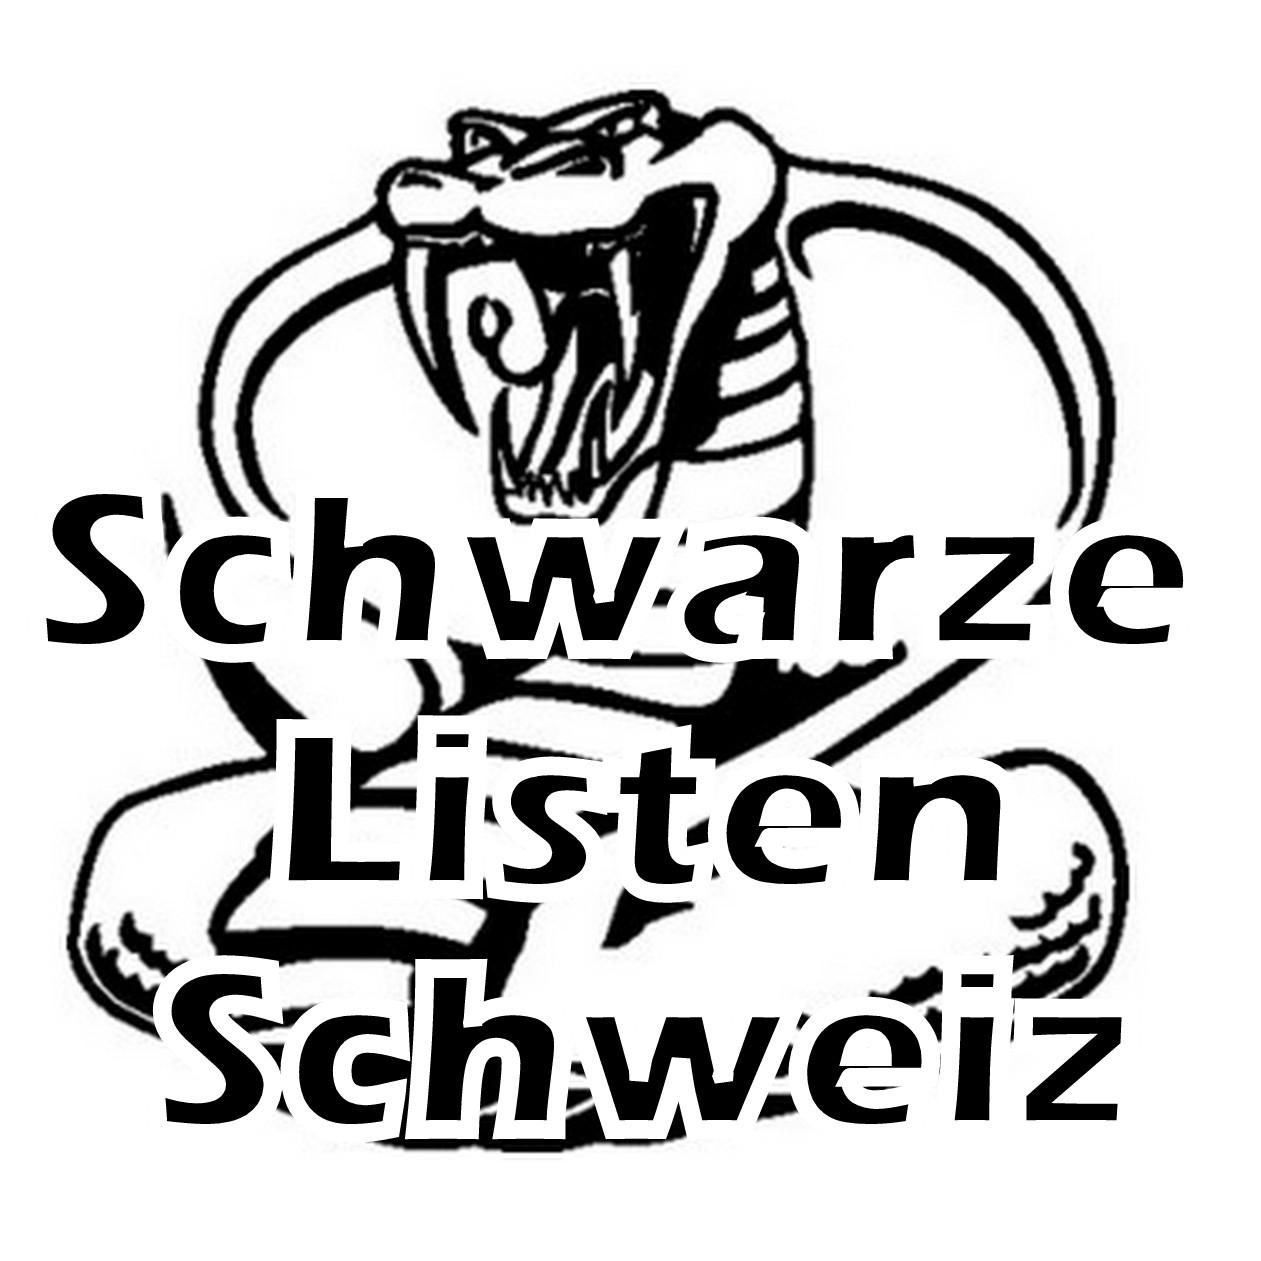 Schwarze-Listen-Schweiz